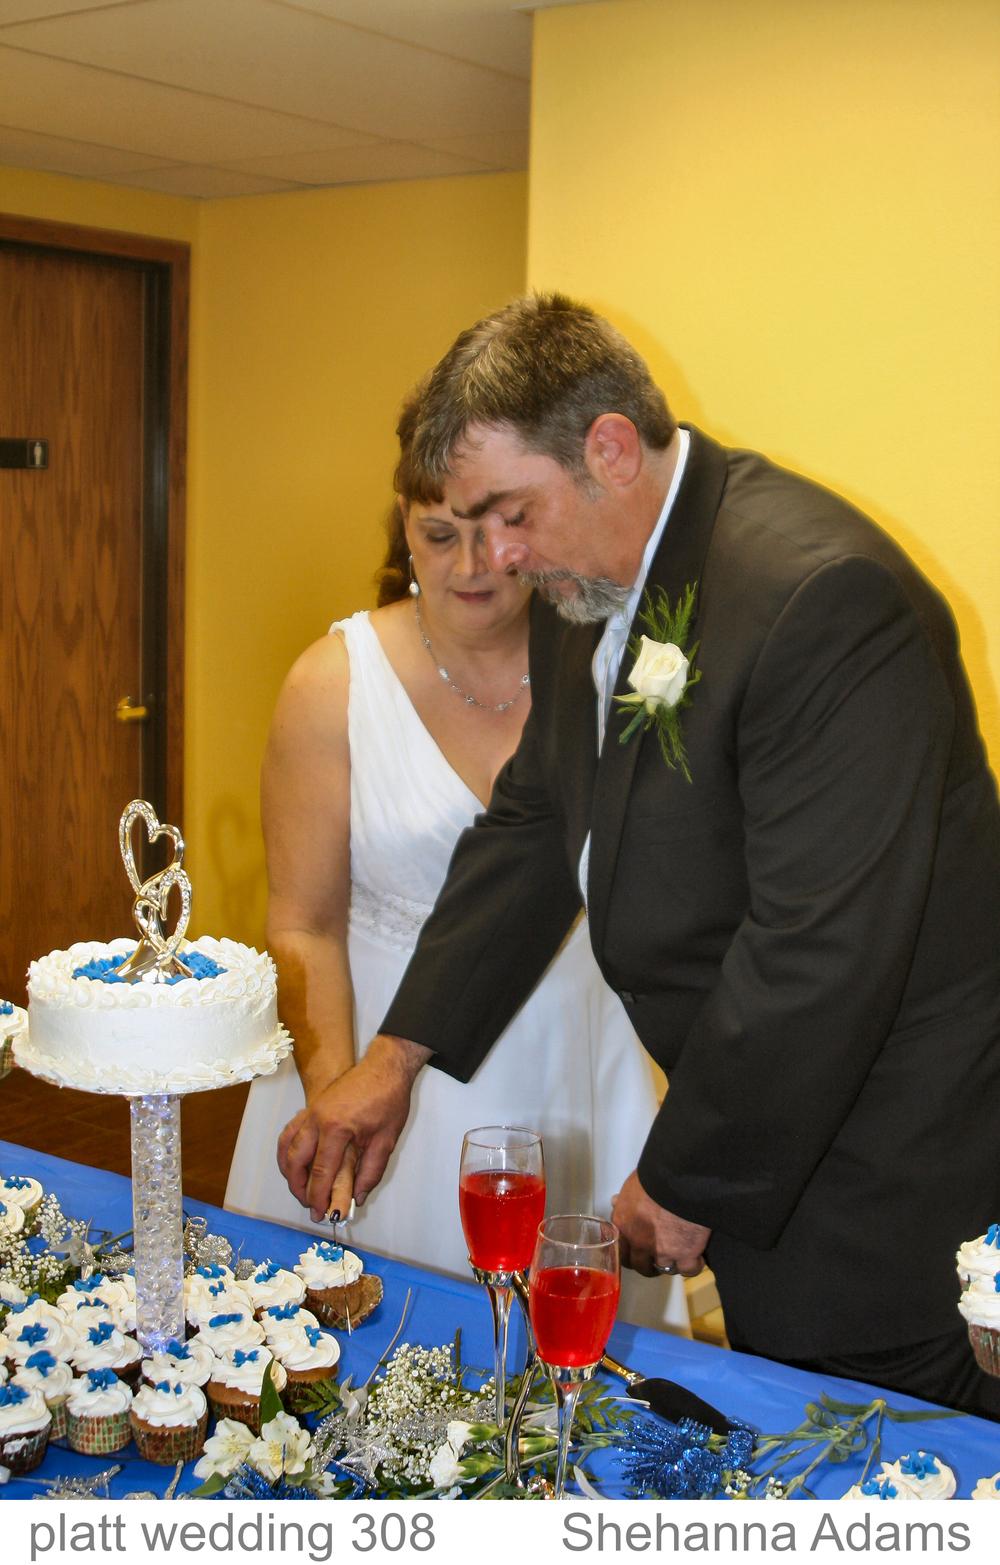 platt wedding 308.jpg